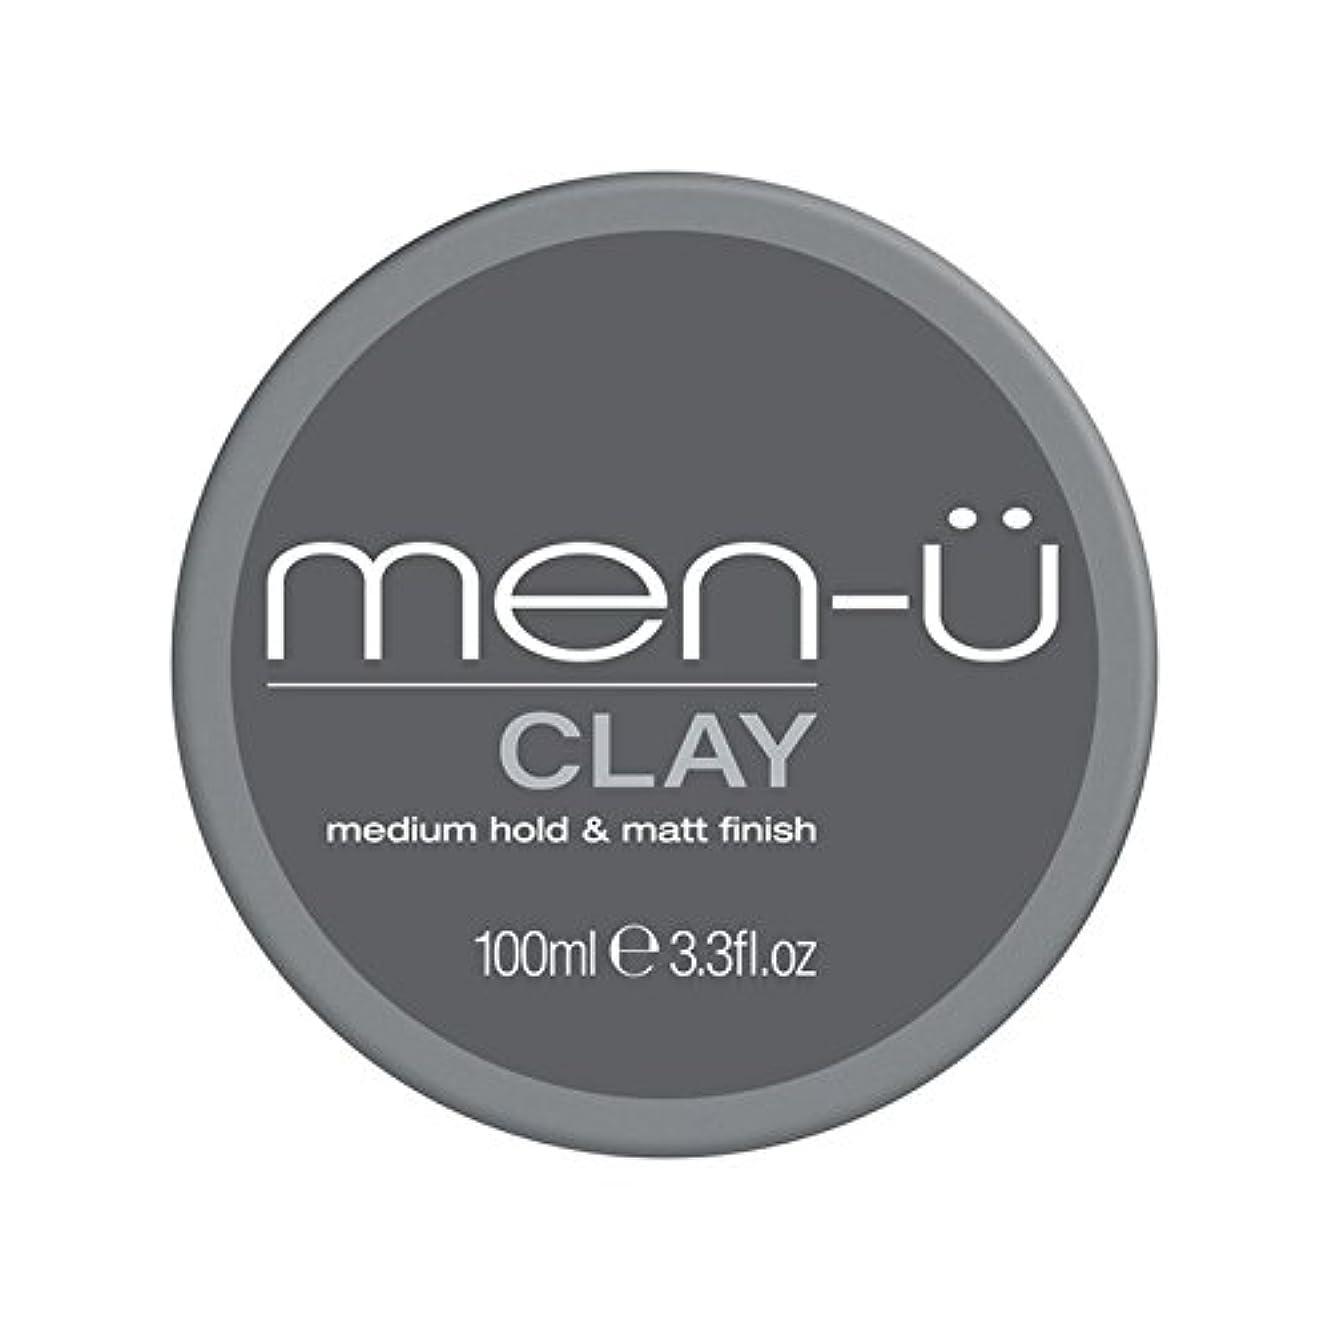 偶然飛ぶ編集者Men-? Clay (100ml) - 男性-粘土(100ミリリットル) [並行輸入品]